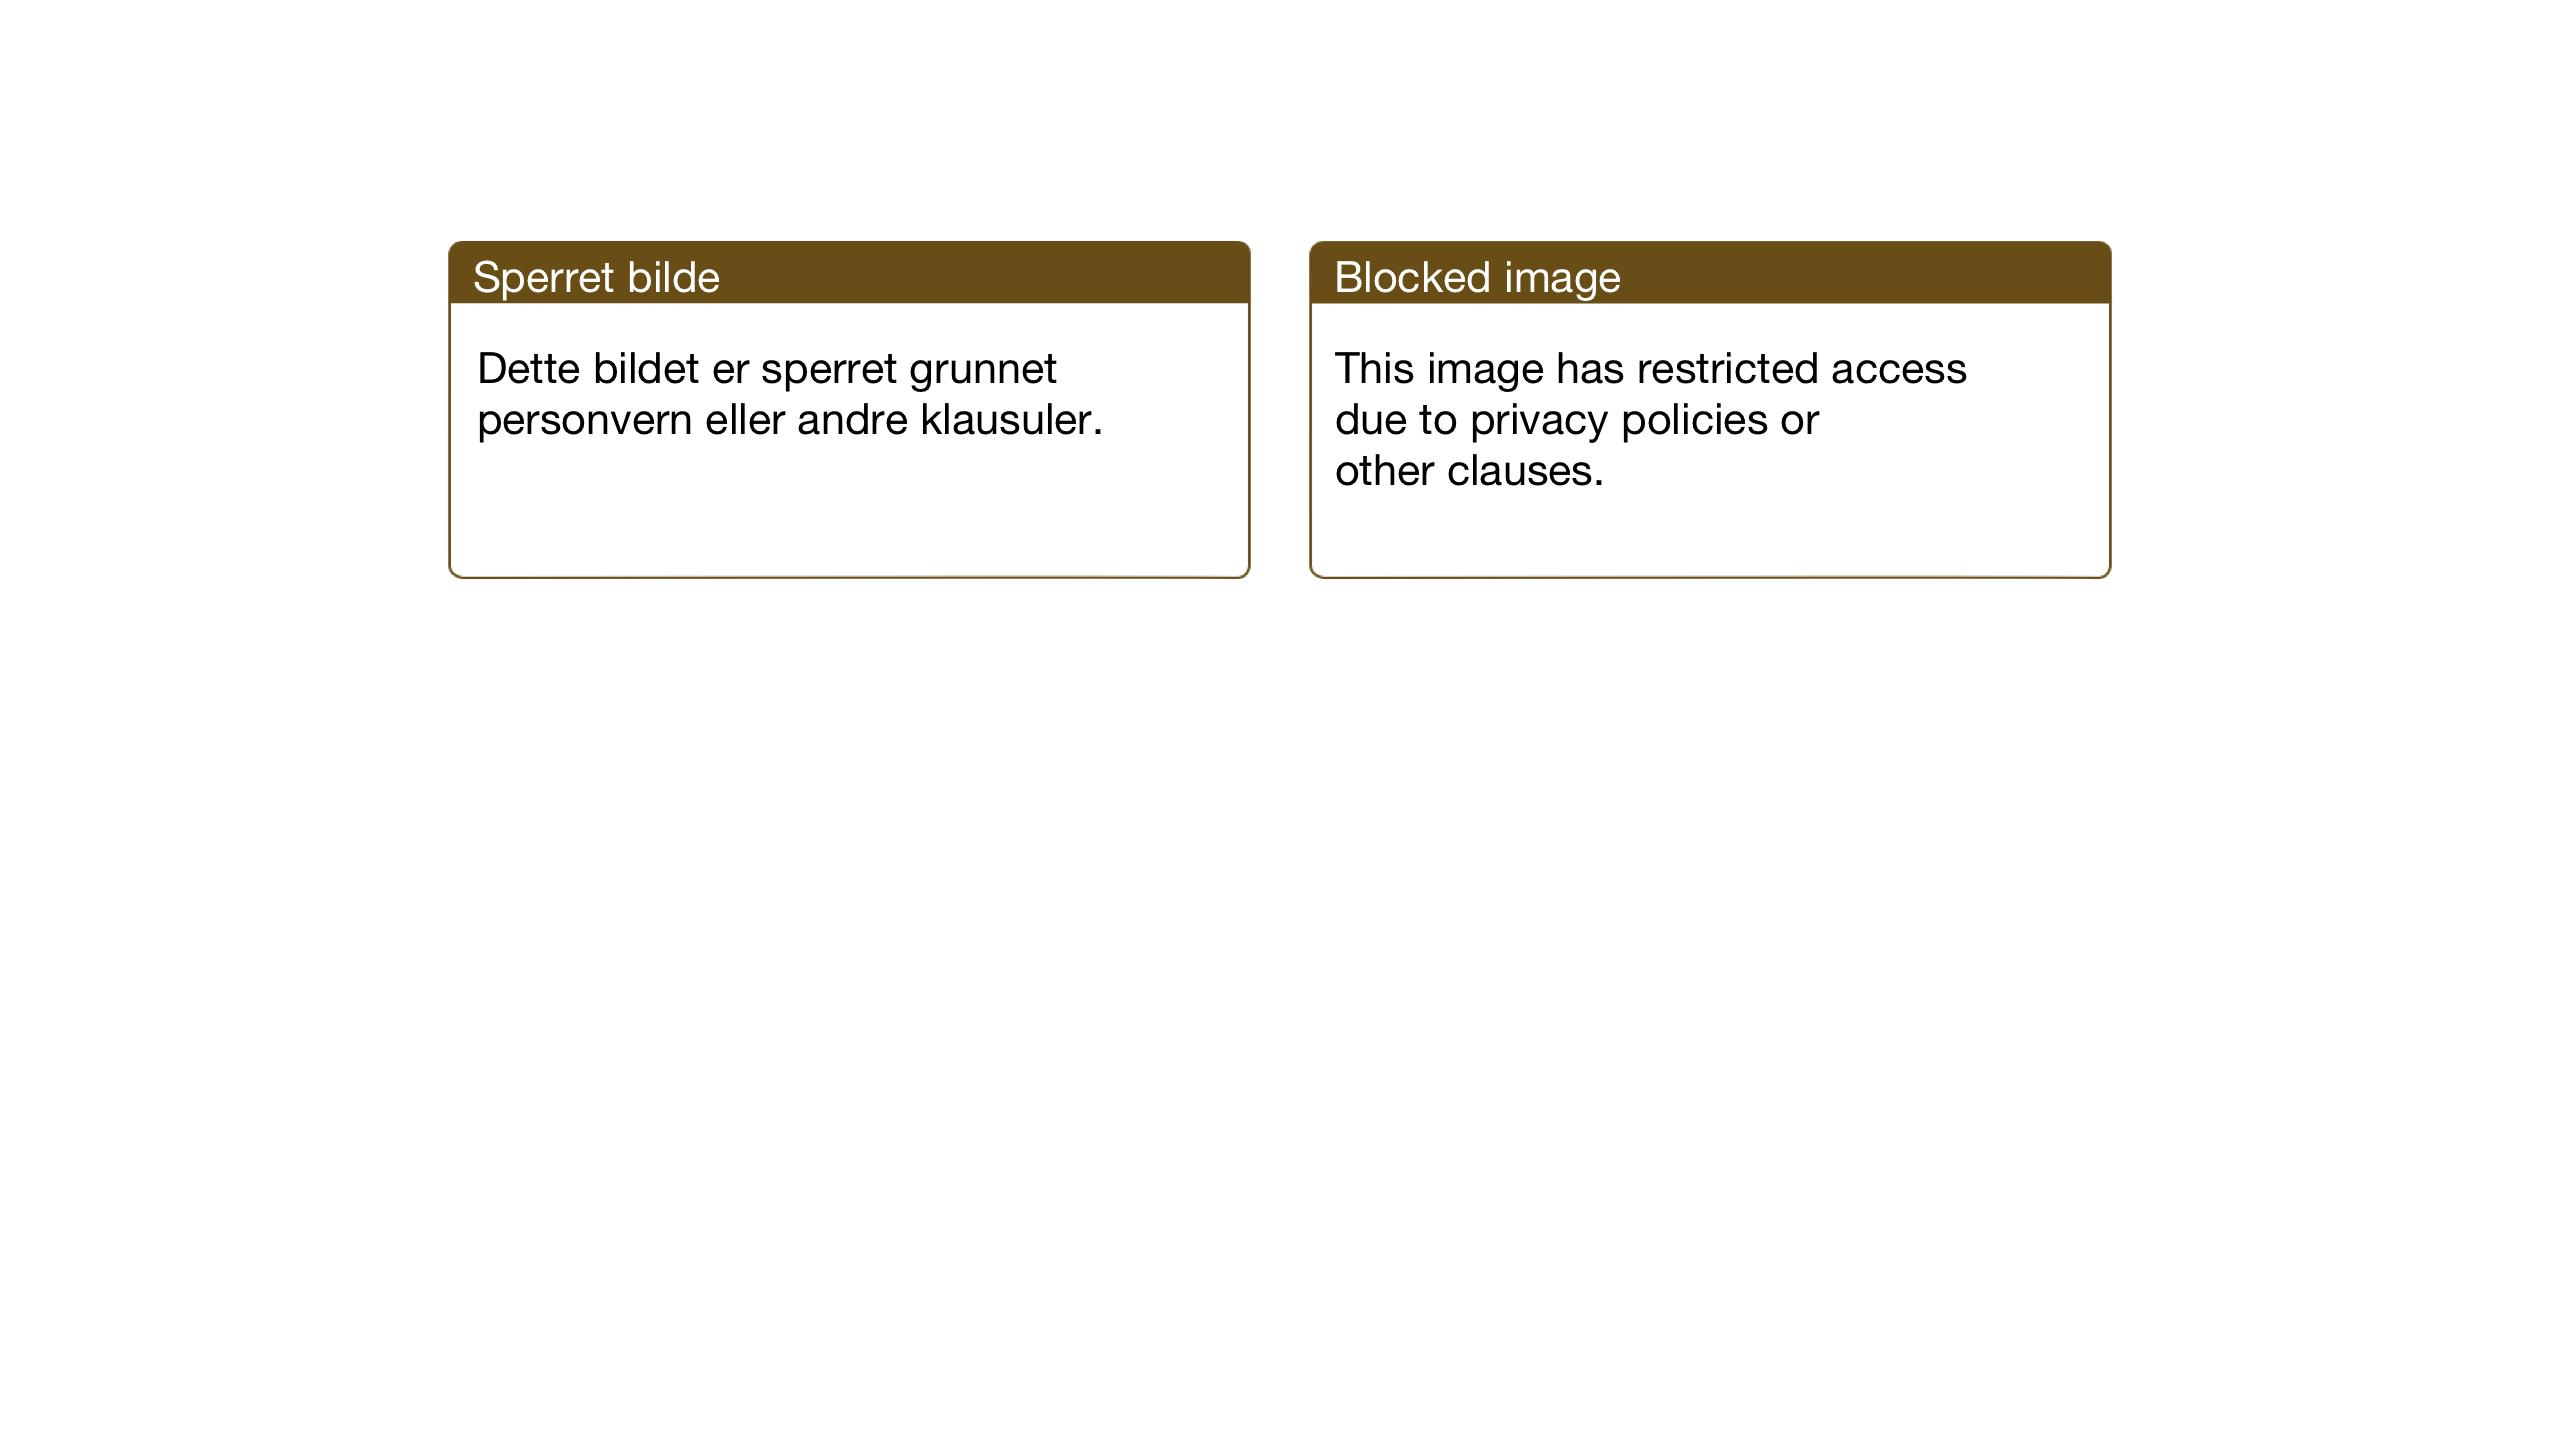 SAT, Ministerialprotokoller, klokkerbøker og fødselsregistre - Nord-Trøndelag, 714/L0136: Klokkerbok nr. 714C05, 1918-1957, s. 48